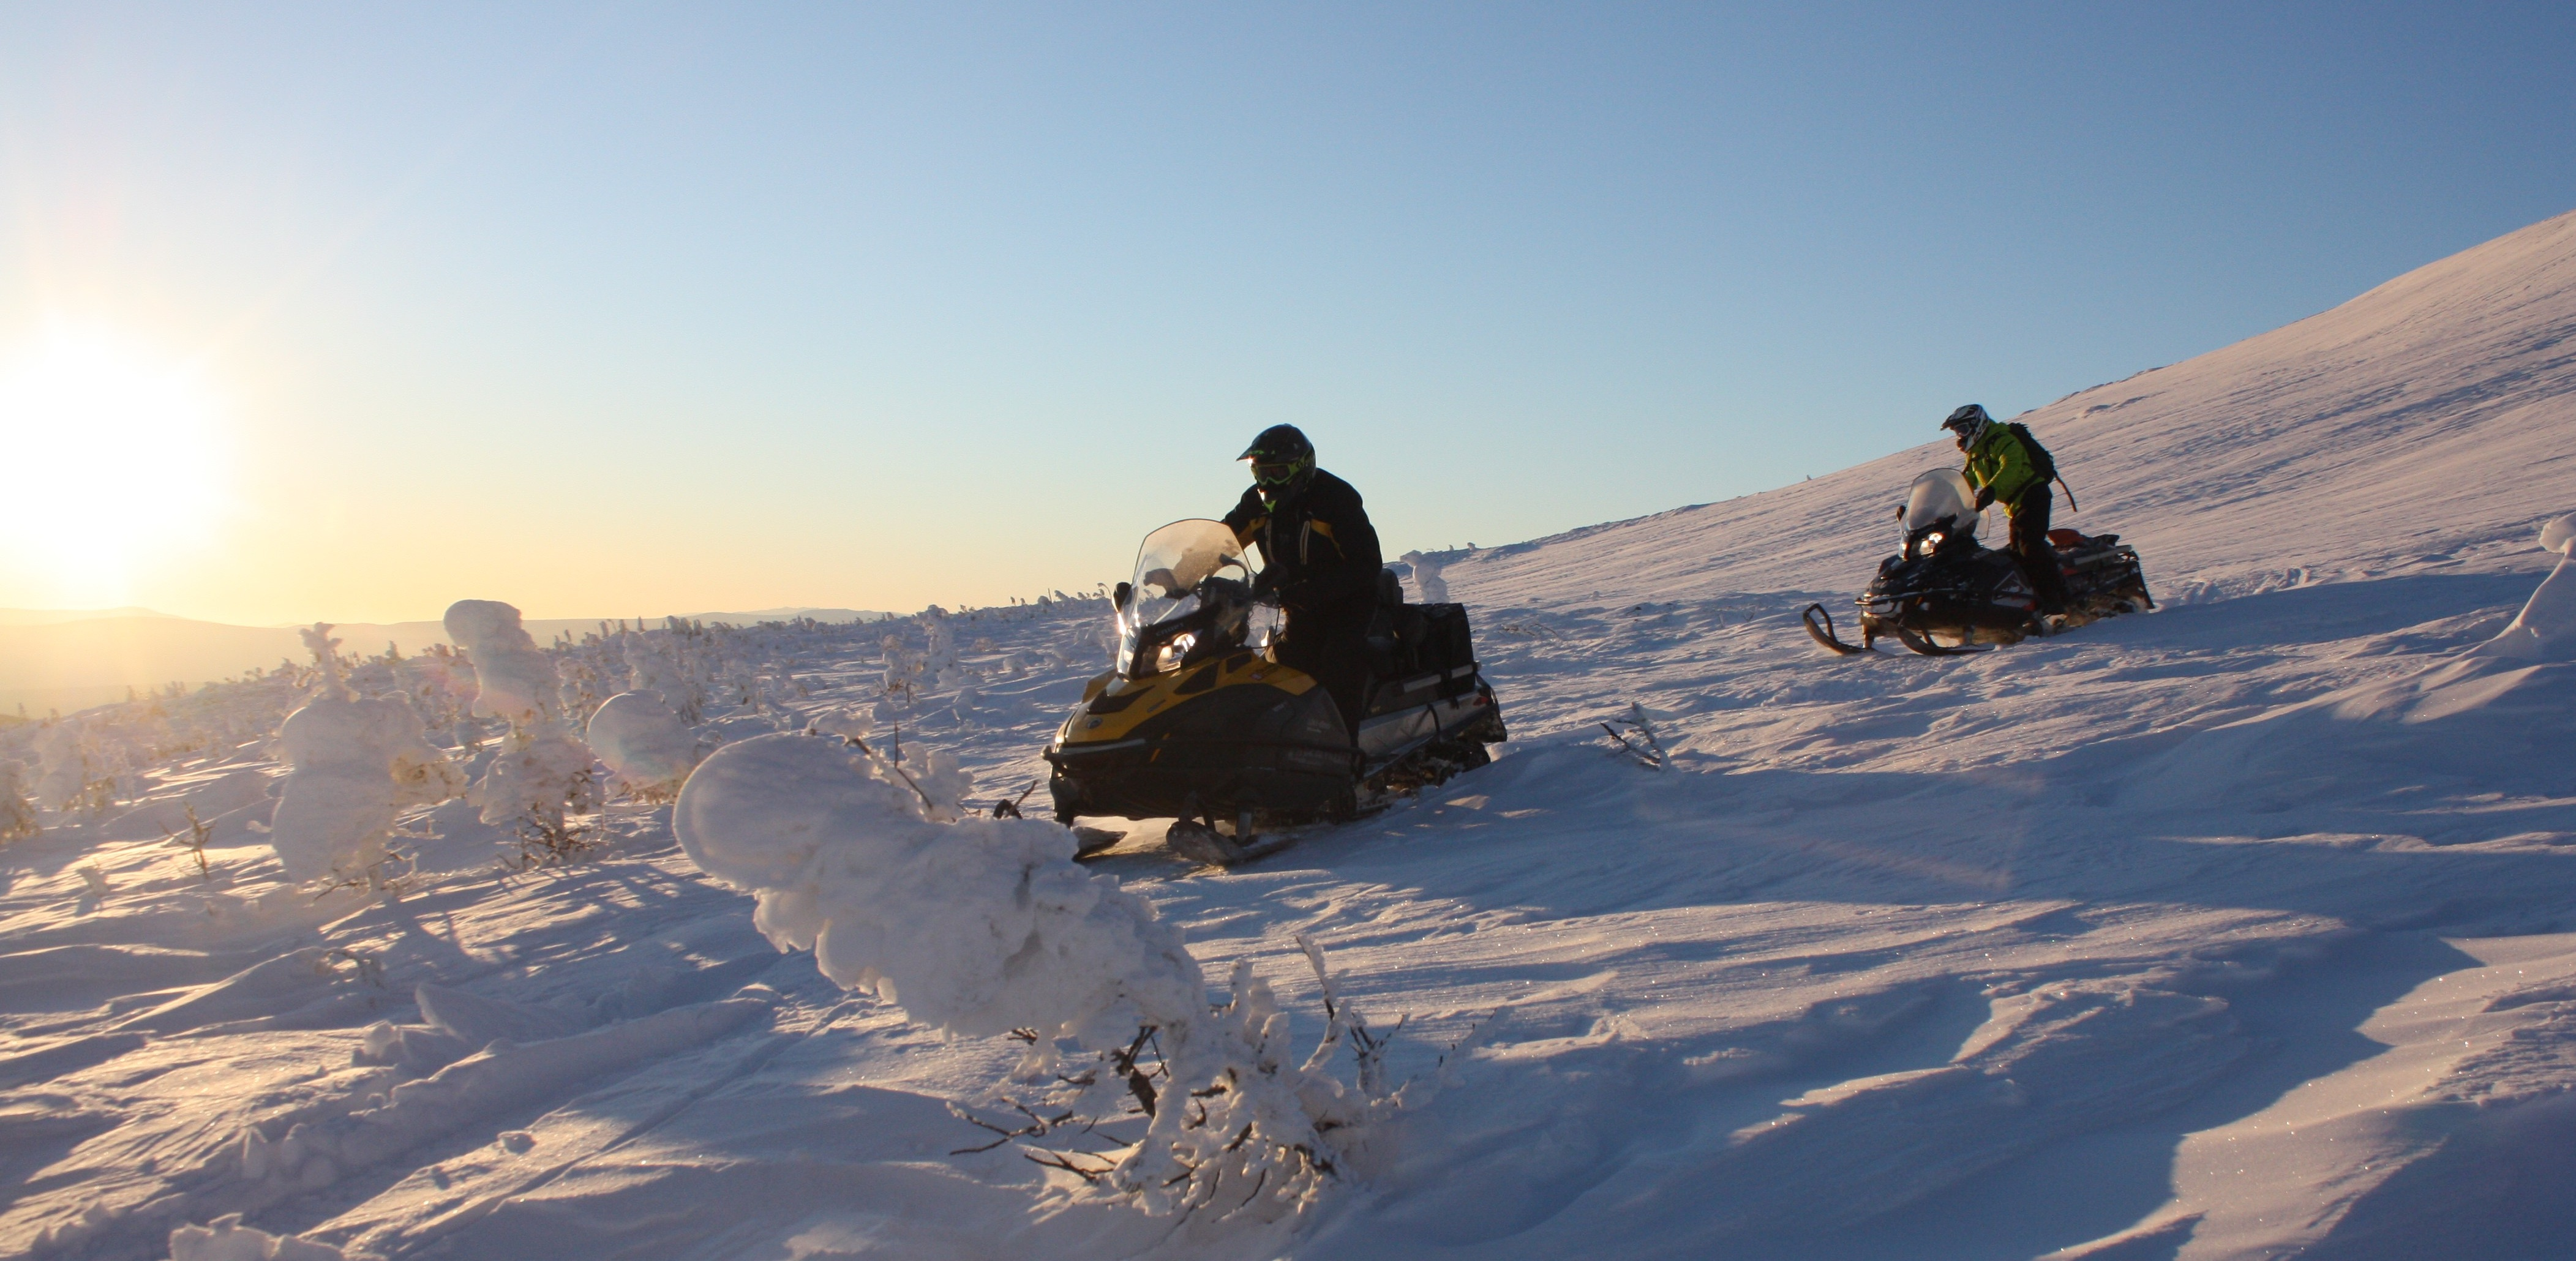 Морозостойкие парни проложат снегоходную трассу от Екатеринбурга до Северного Ледовитого океана